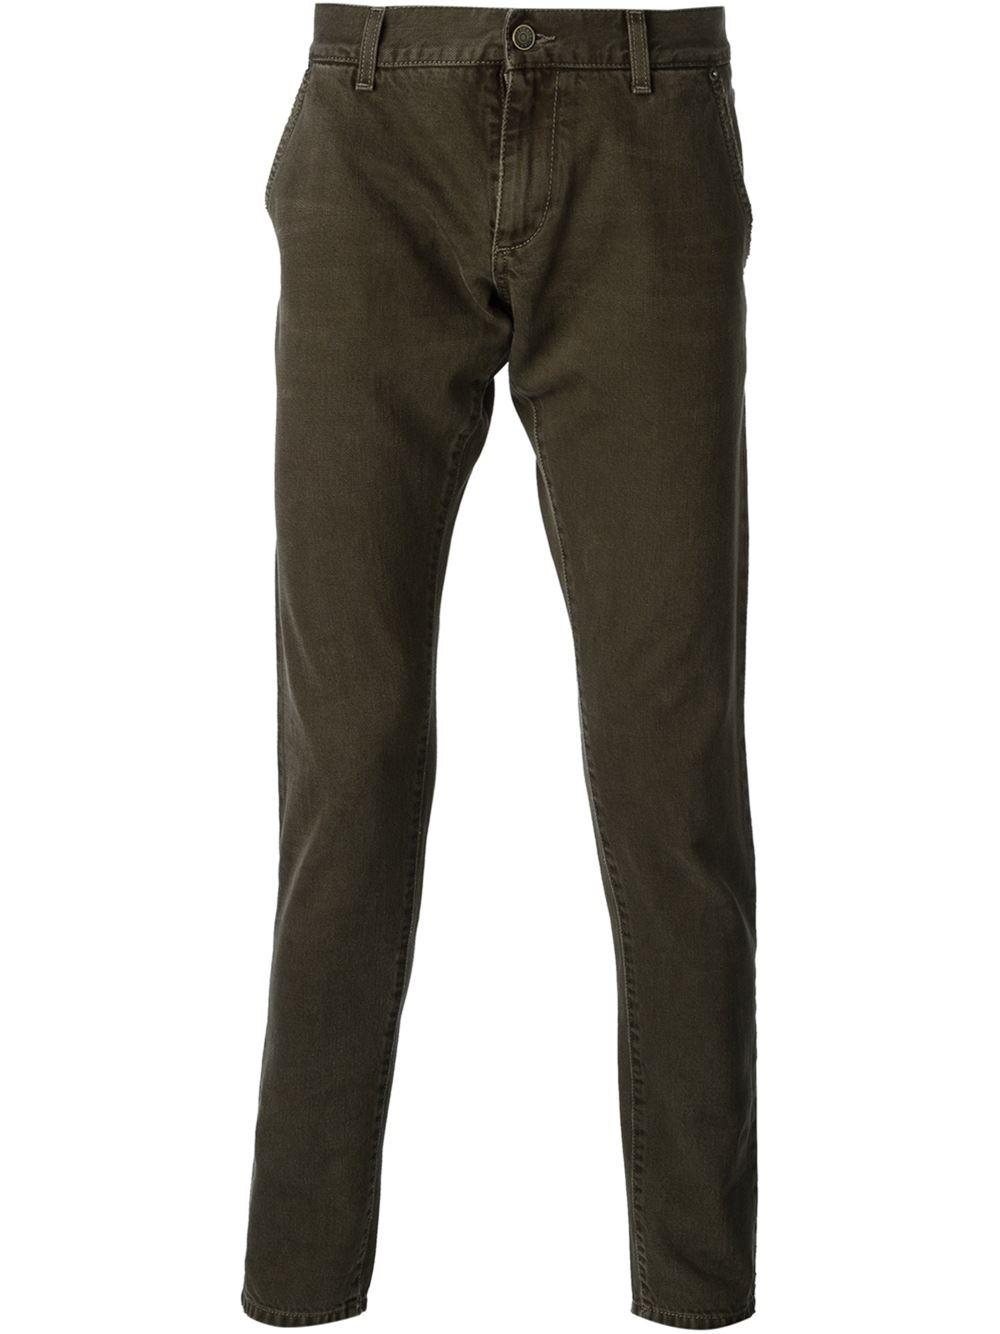 dolce gabbana skinny jeans in green for men lyst. Black Bedroom Furniture Sets. Home Design Ideas